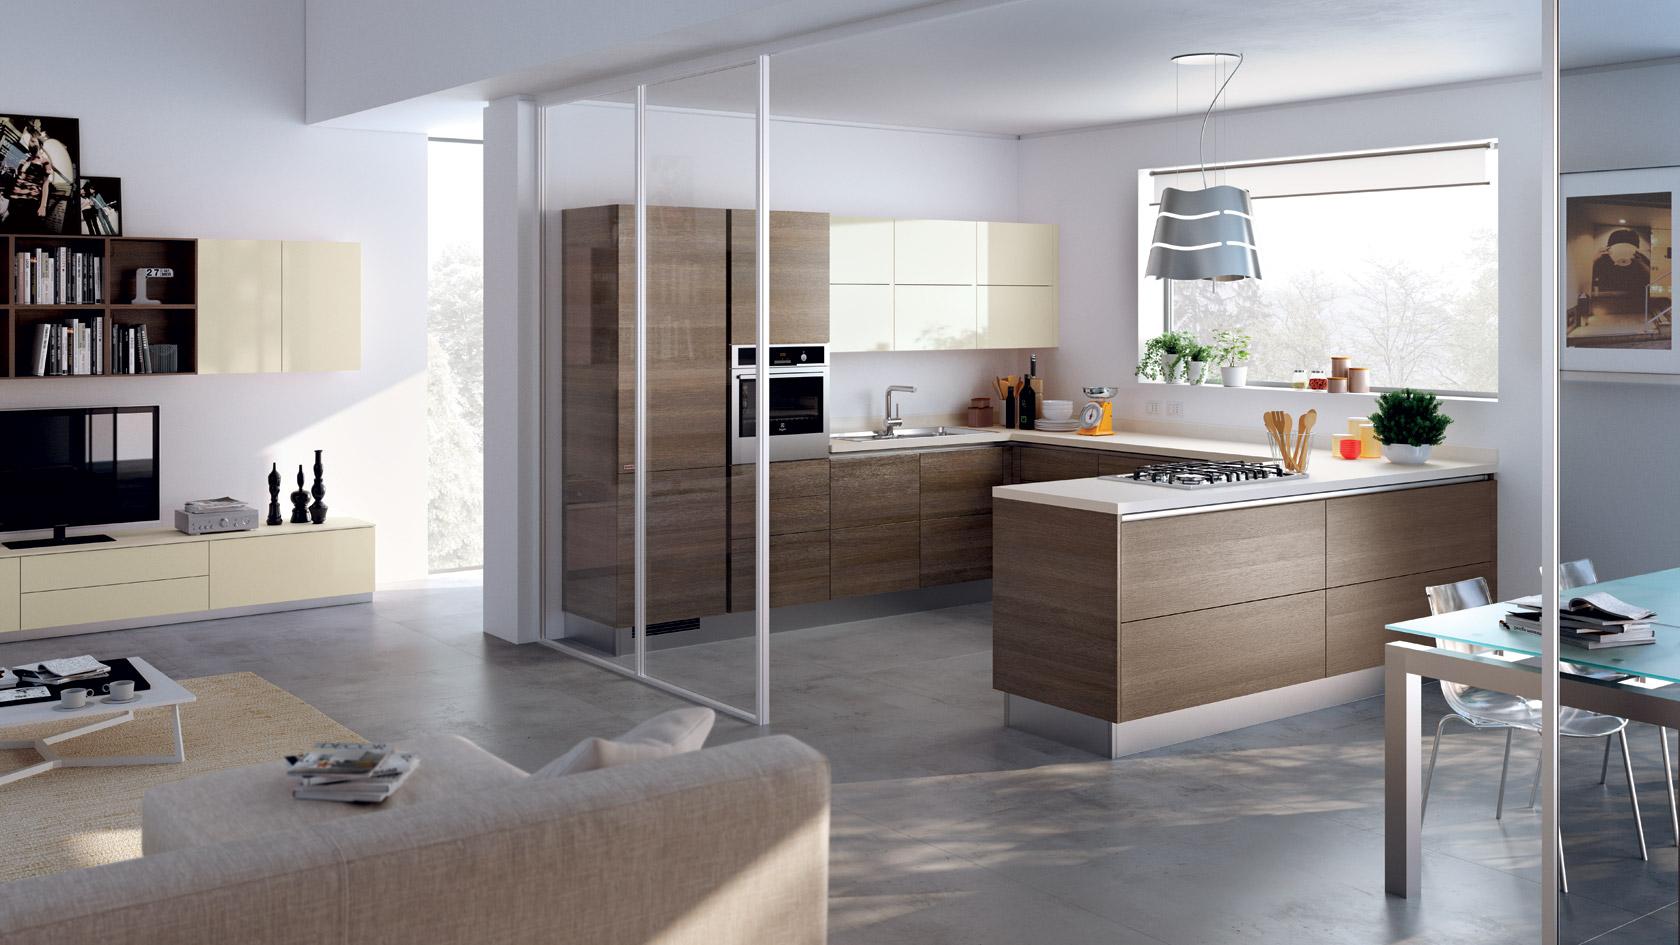 cucina-scavolini-evolution-arredamenti-bologna-5 - Arredamenti ...